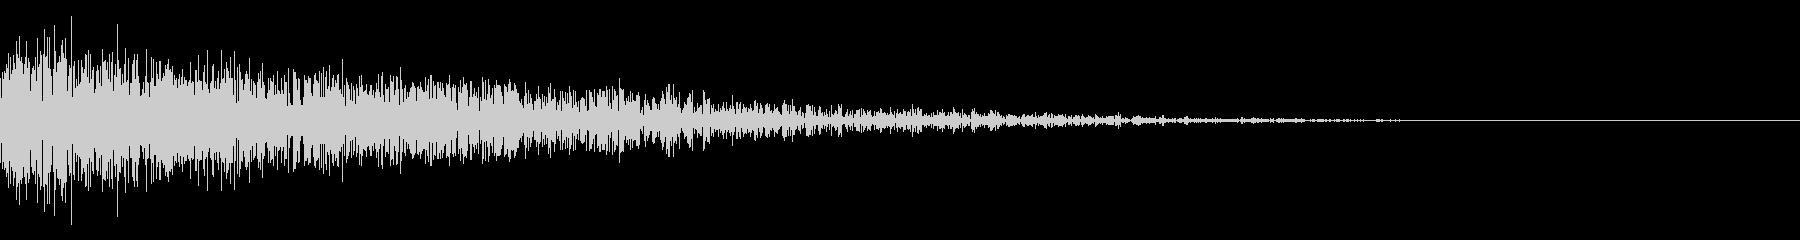 パーンという張り手のような音の未再生の波形